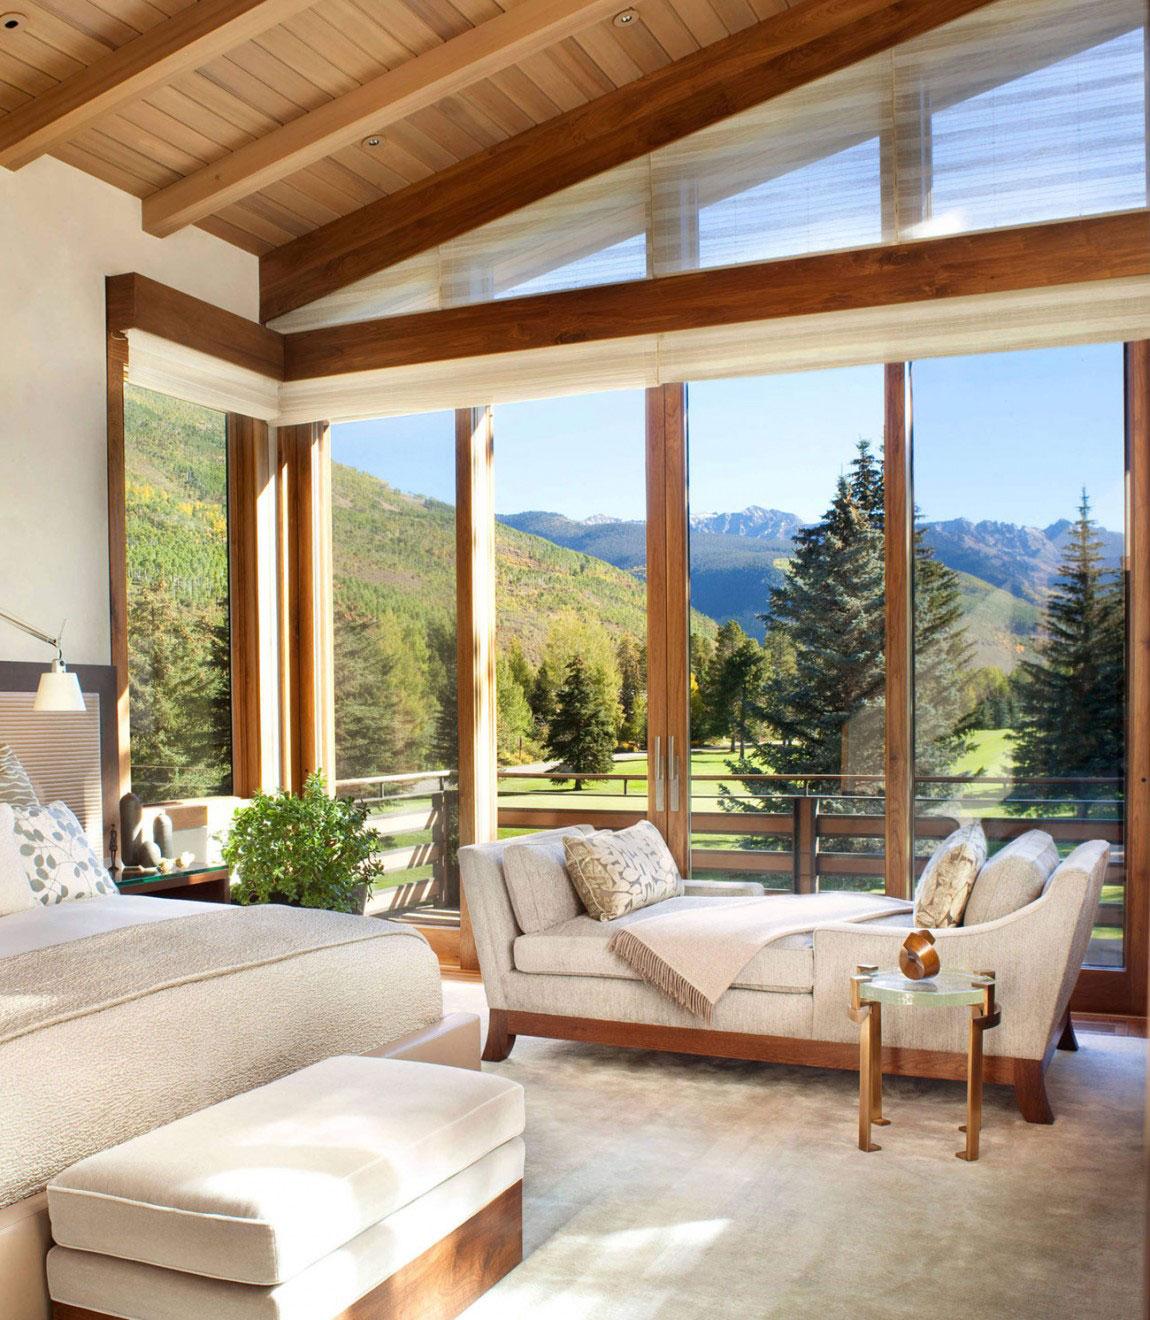 Magiskt rustikt hus designat av Suman Architects-7 Magiskt rustikt hus designat av Suman Architects